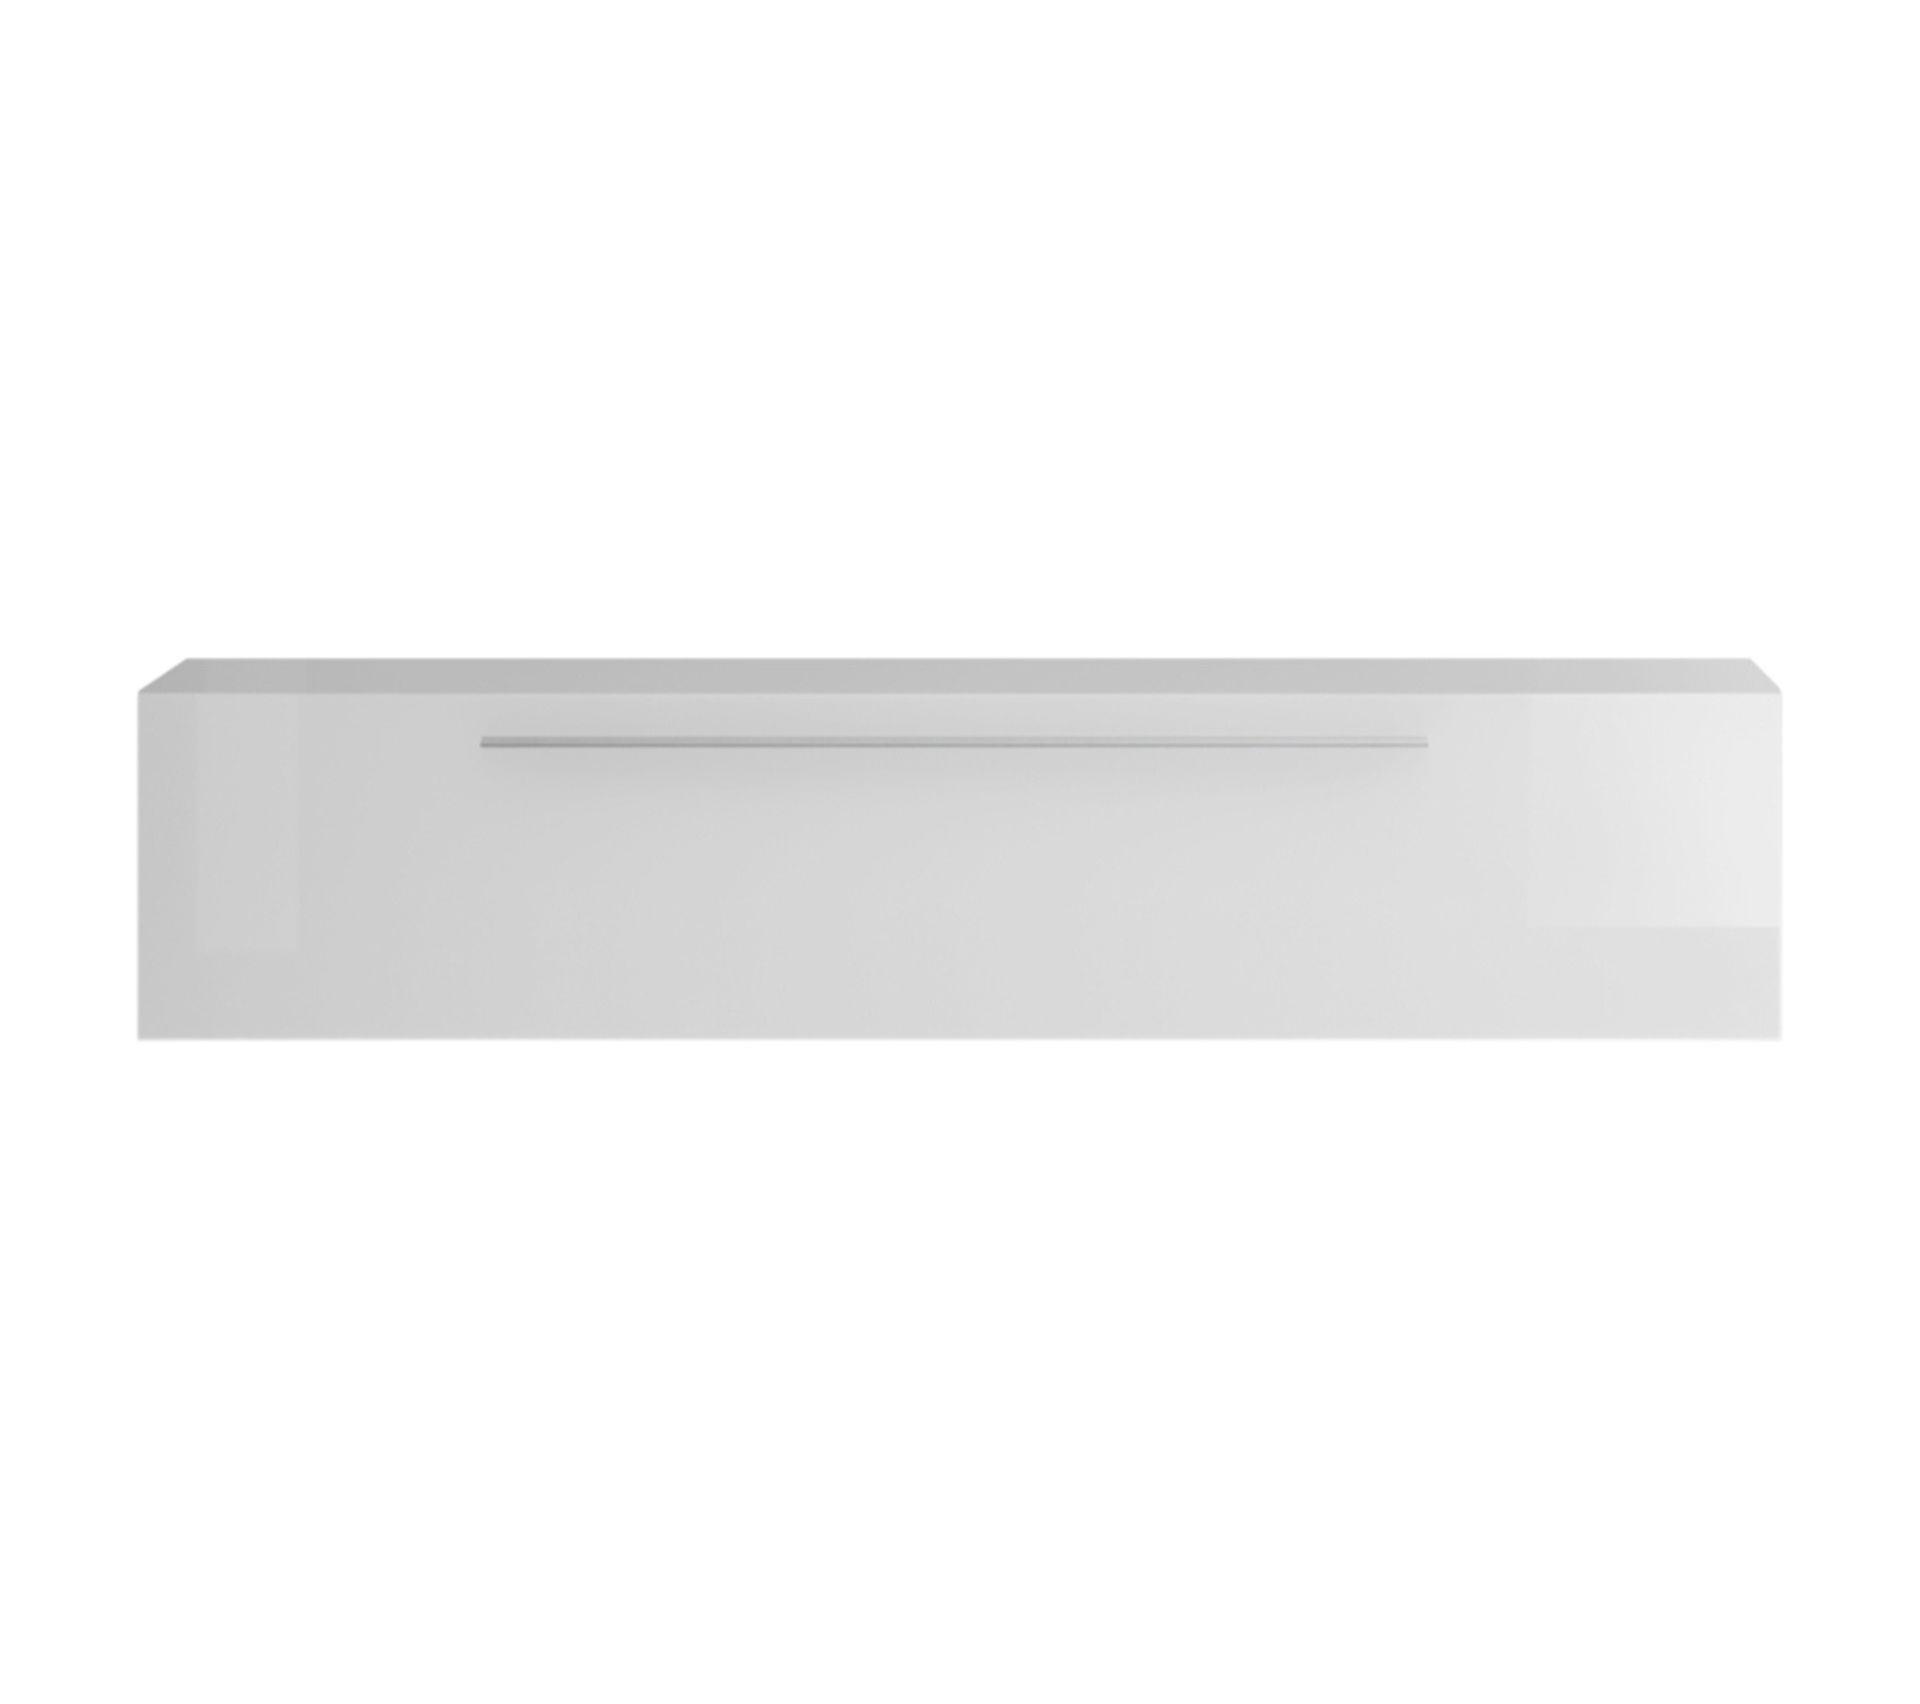 Difference Blanc Brillant Et Blanc Laqué Élément mural tv horizontal laqué blanc brillant avec baguette eternel